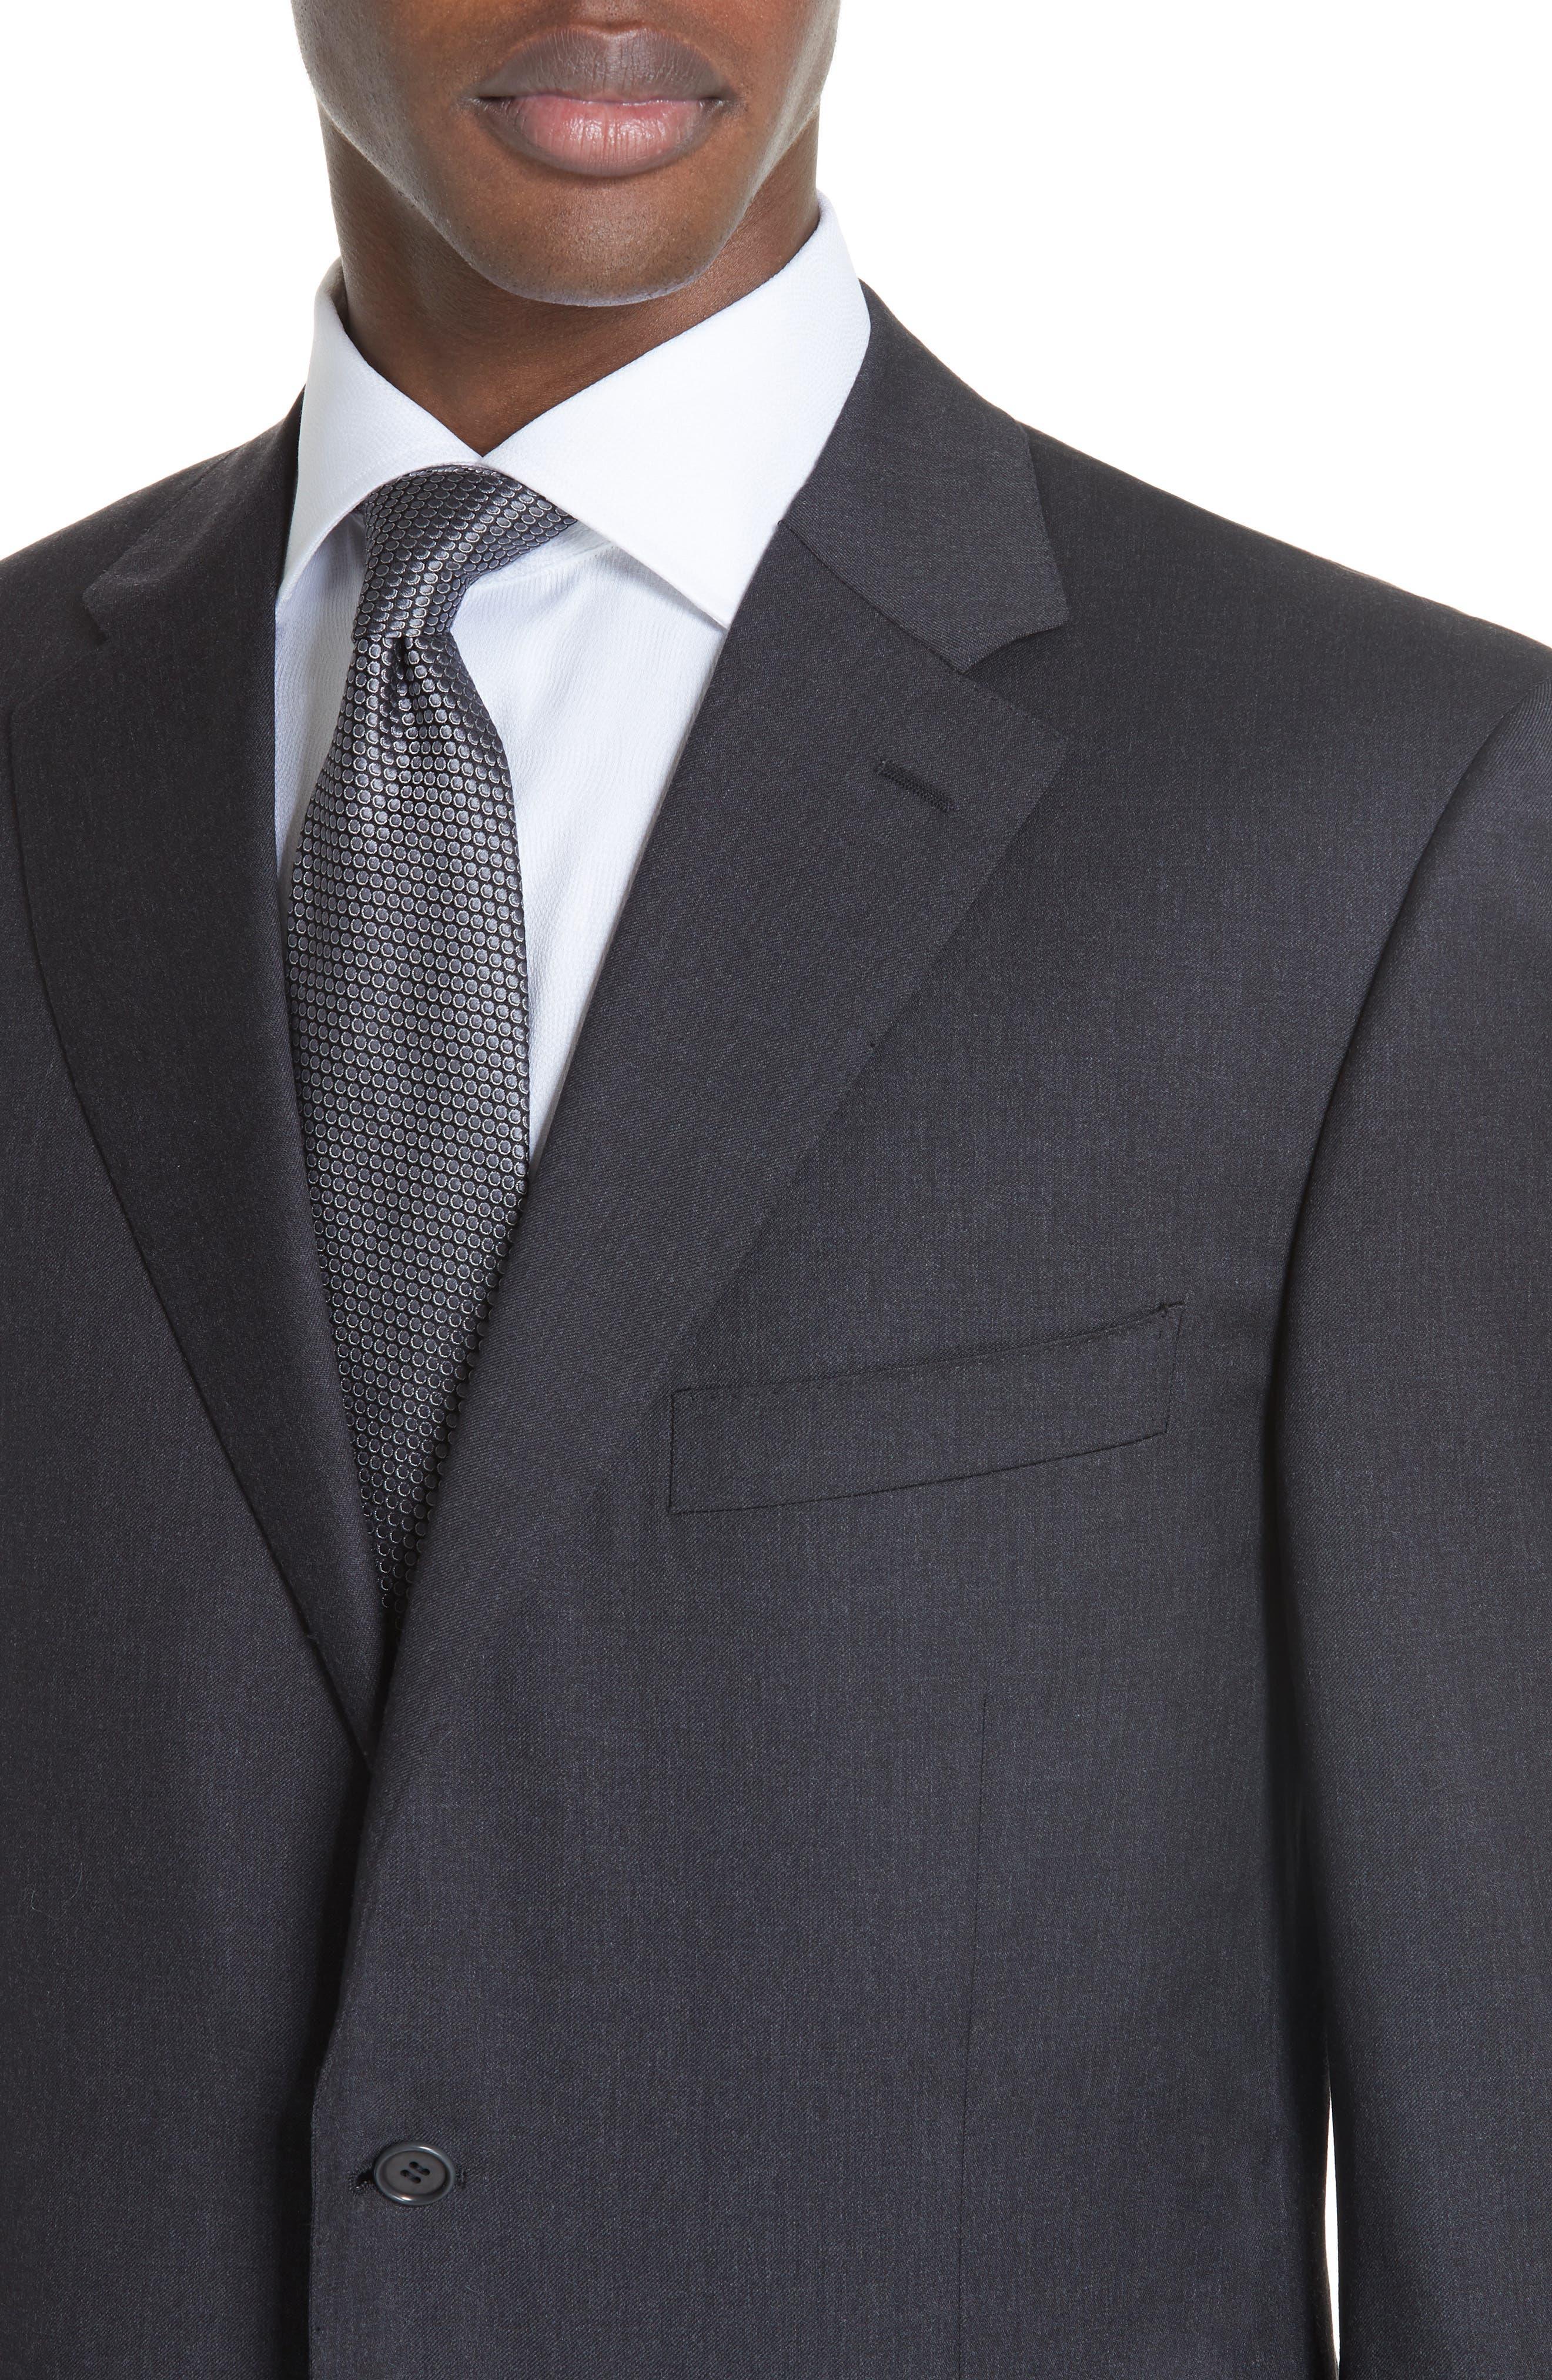 Trim Fit Wool Suit,                             Alternate thumbnail 5, color,                             Charcoal